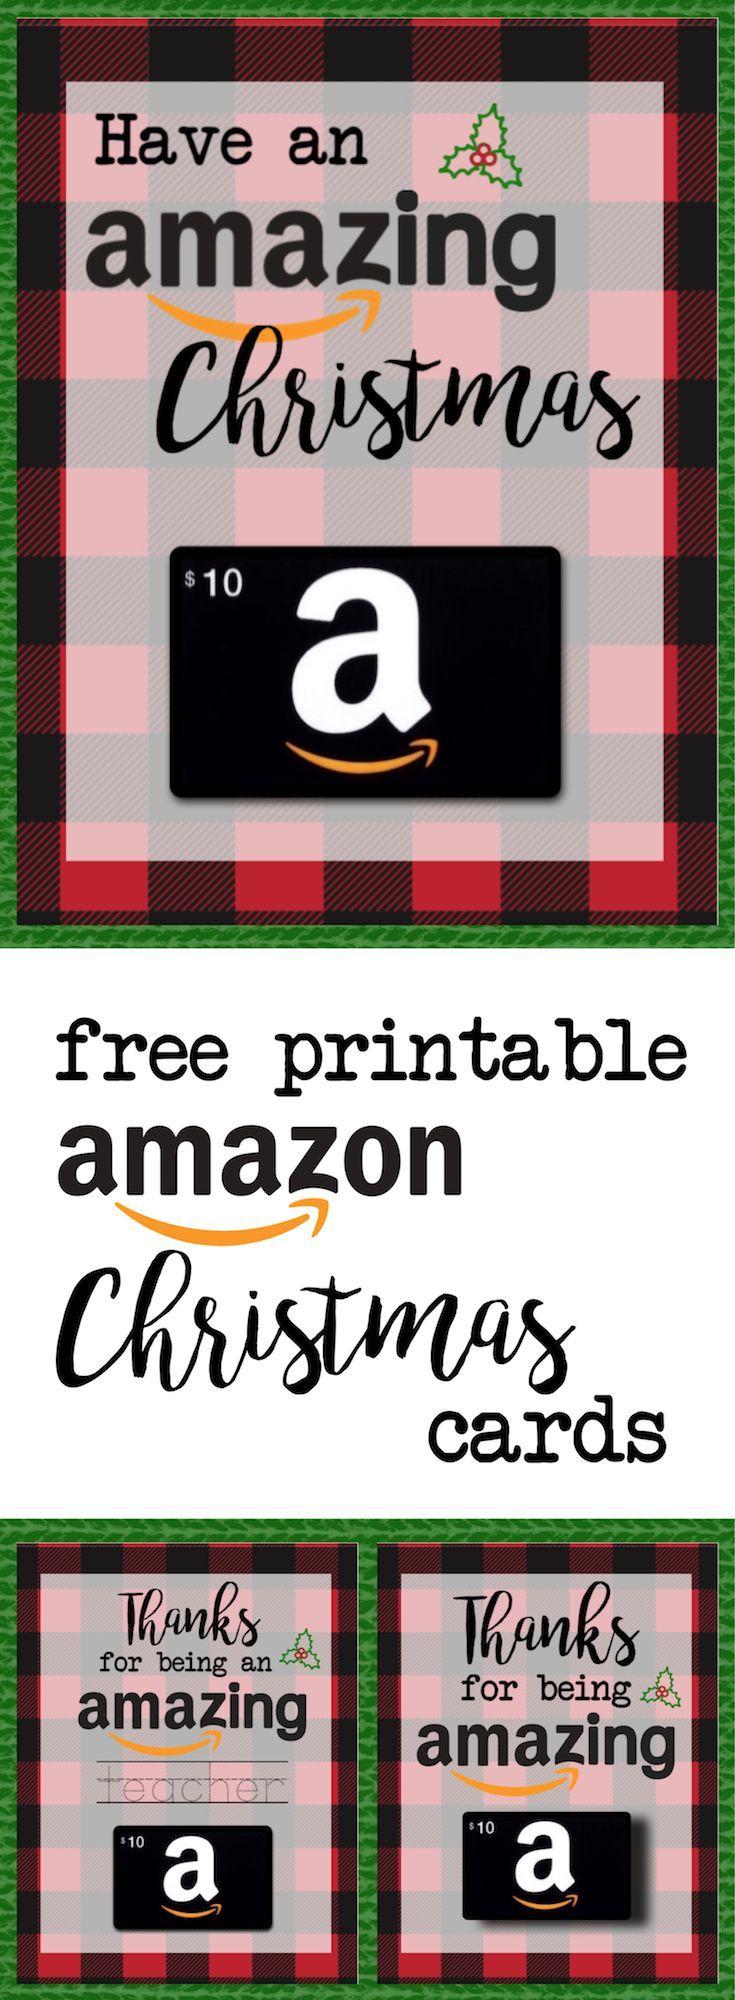 Druckbare Weihnachtsgeschenkkartenhalter für Amazon. Drucken Sie ...